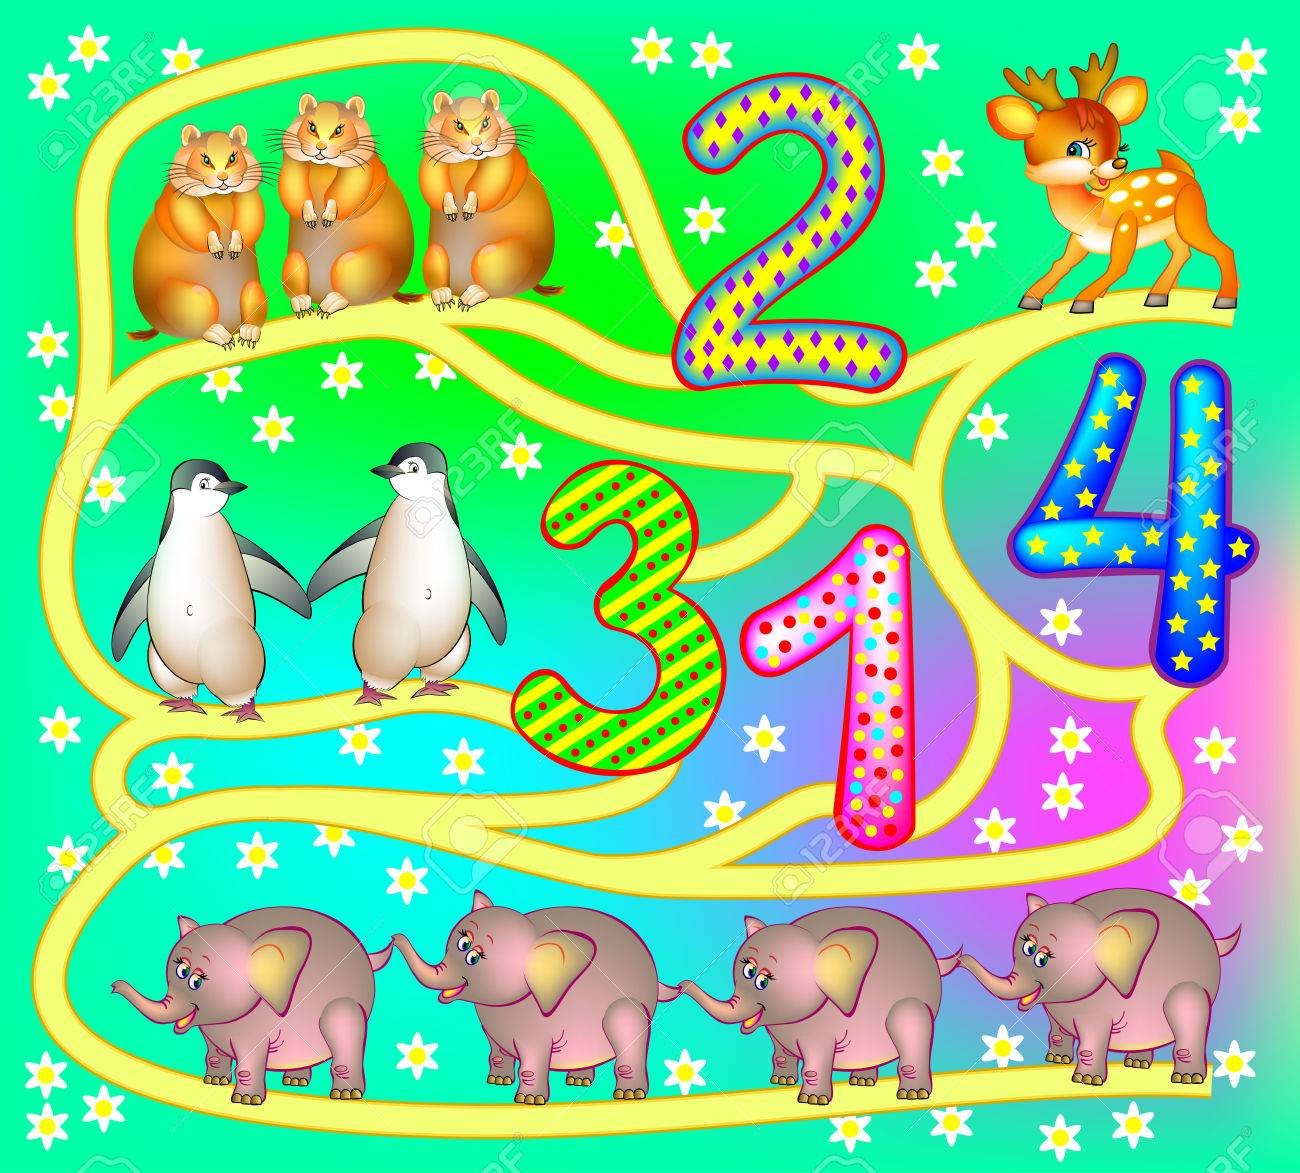 Ejercicios Para Niños Pequeños Necesita Contar Los Animales Y Dibujar El Camino Hasta Los Números Relevantes Imagen De Dibujos Animados De Vector